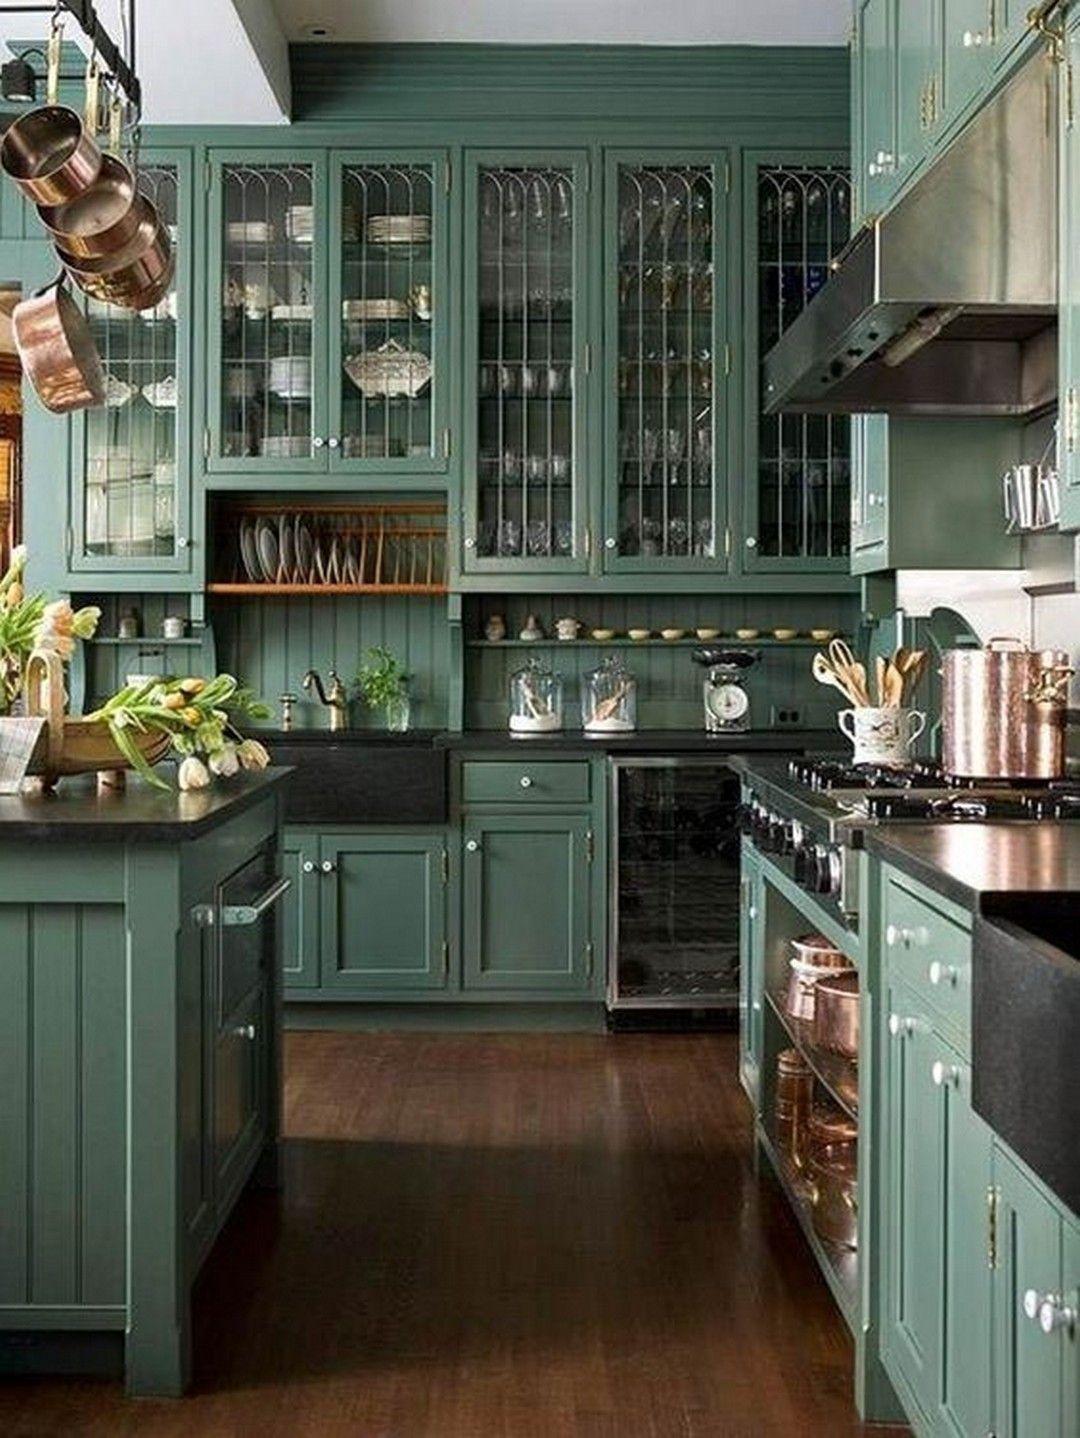 Küchenschränke blau pin von natalia steiner auf küche  pinterest  haus küche diy und